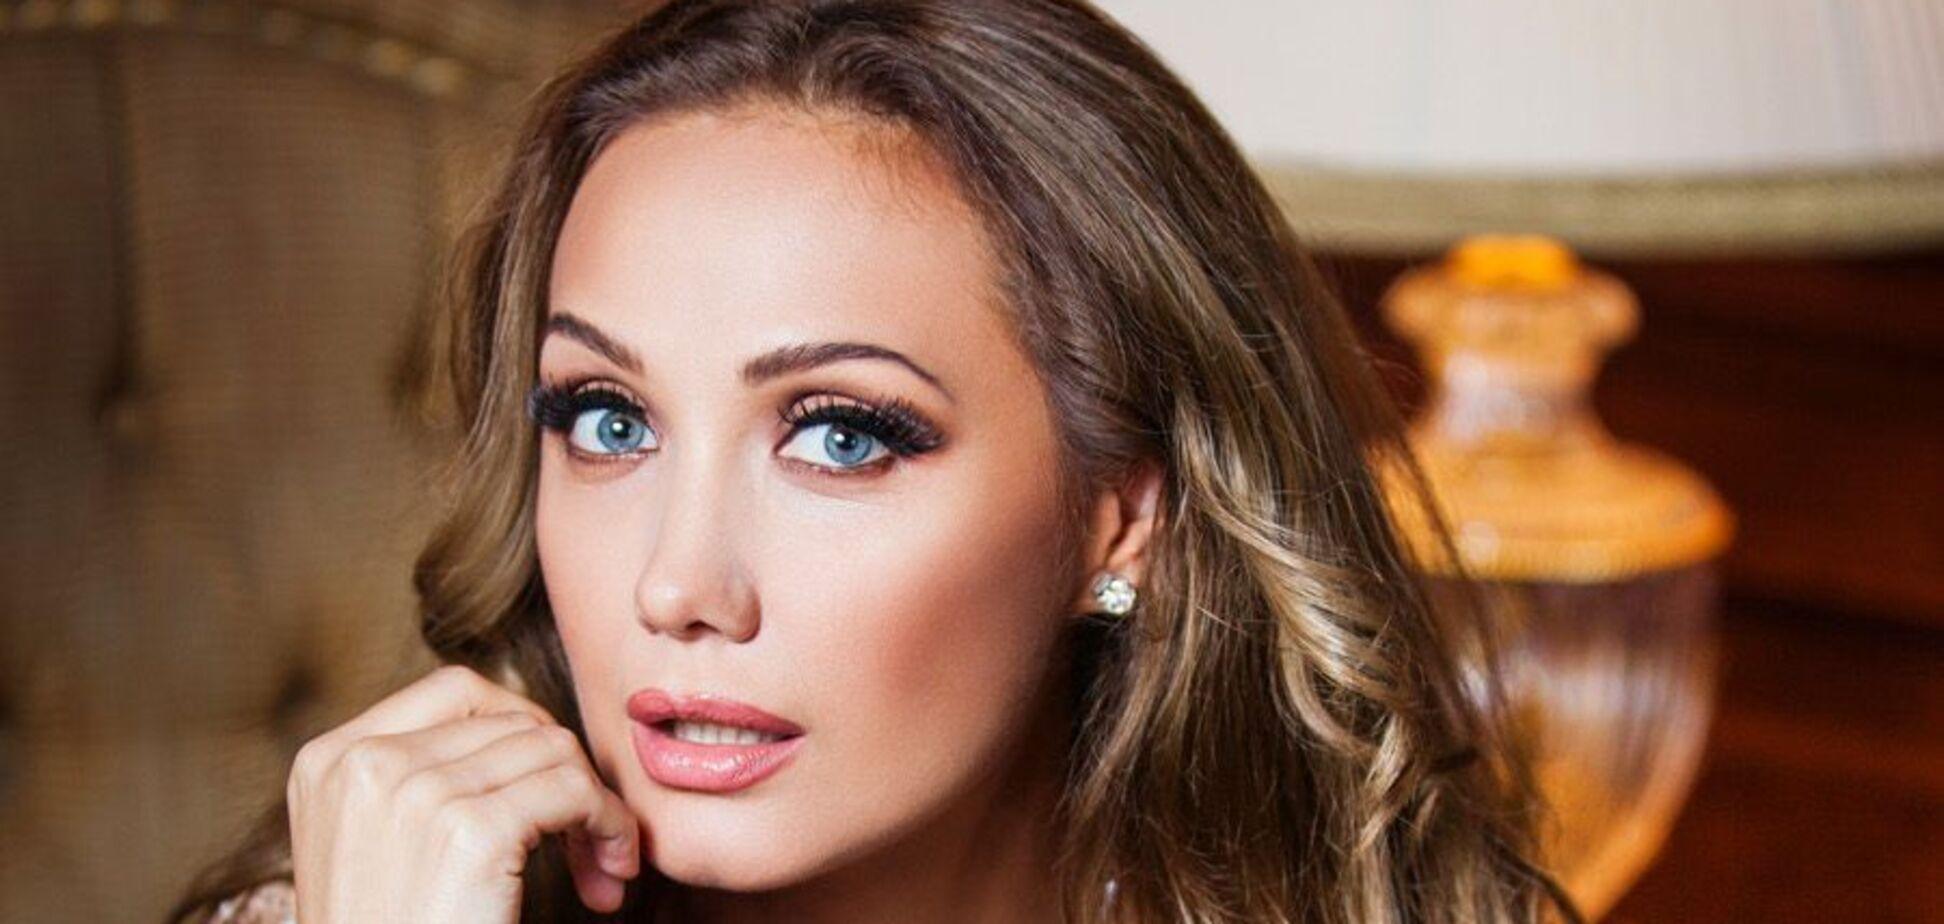 Співачка Євгенія Власова зізналася, чому покинула сцену